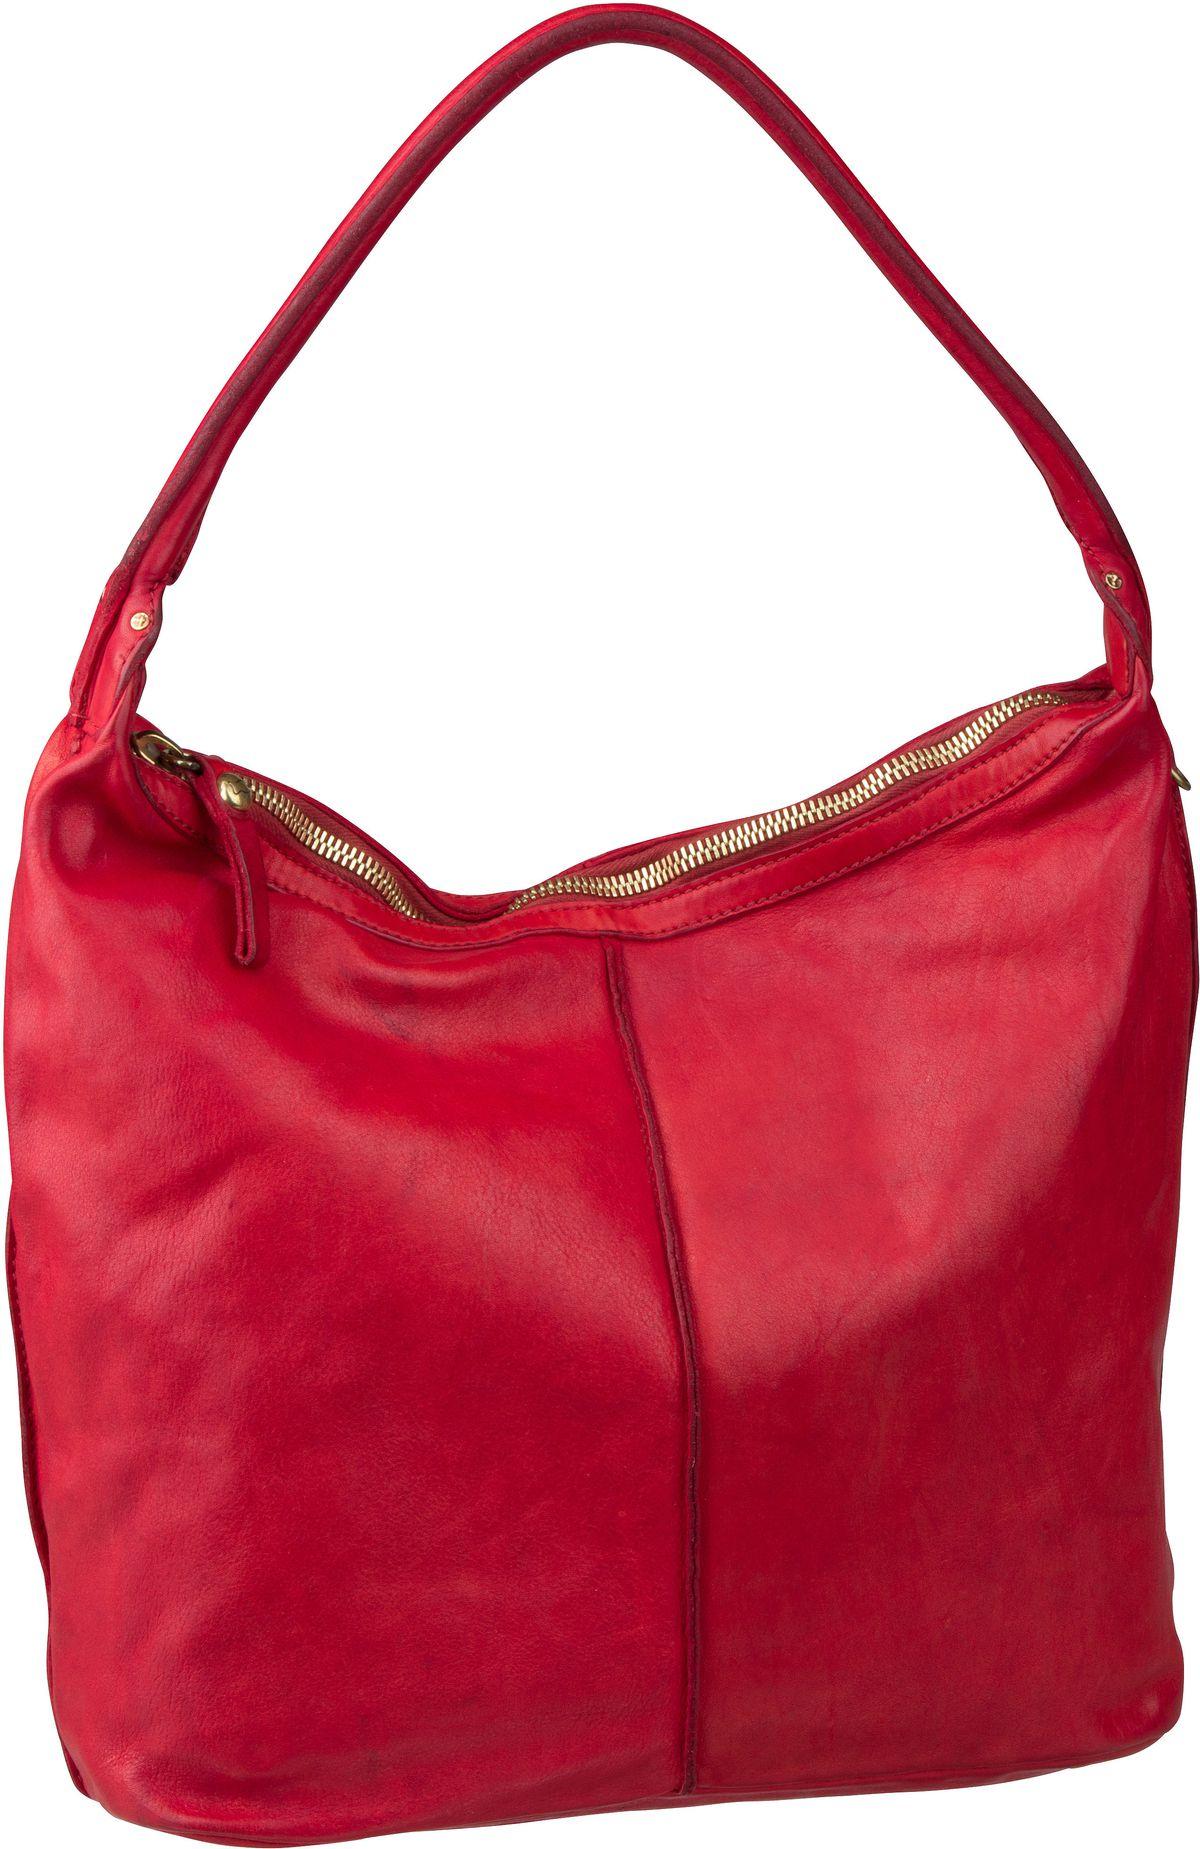 Handtasche Asteria C16370 Rosso